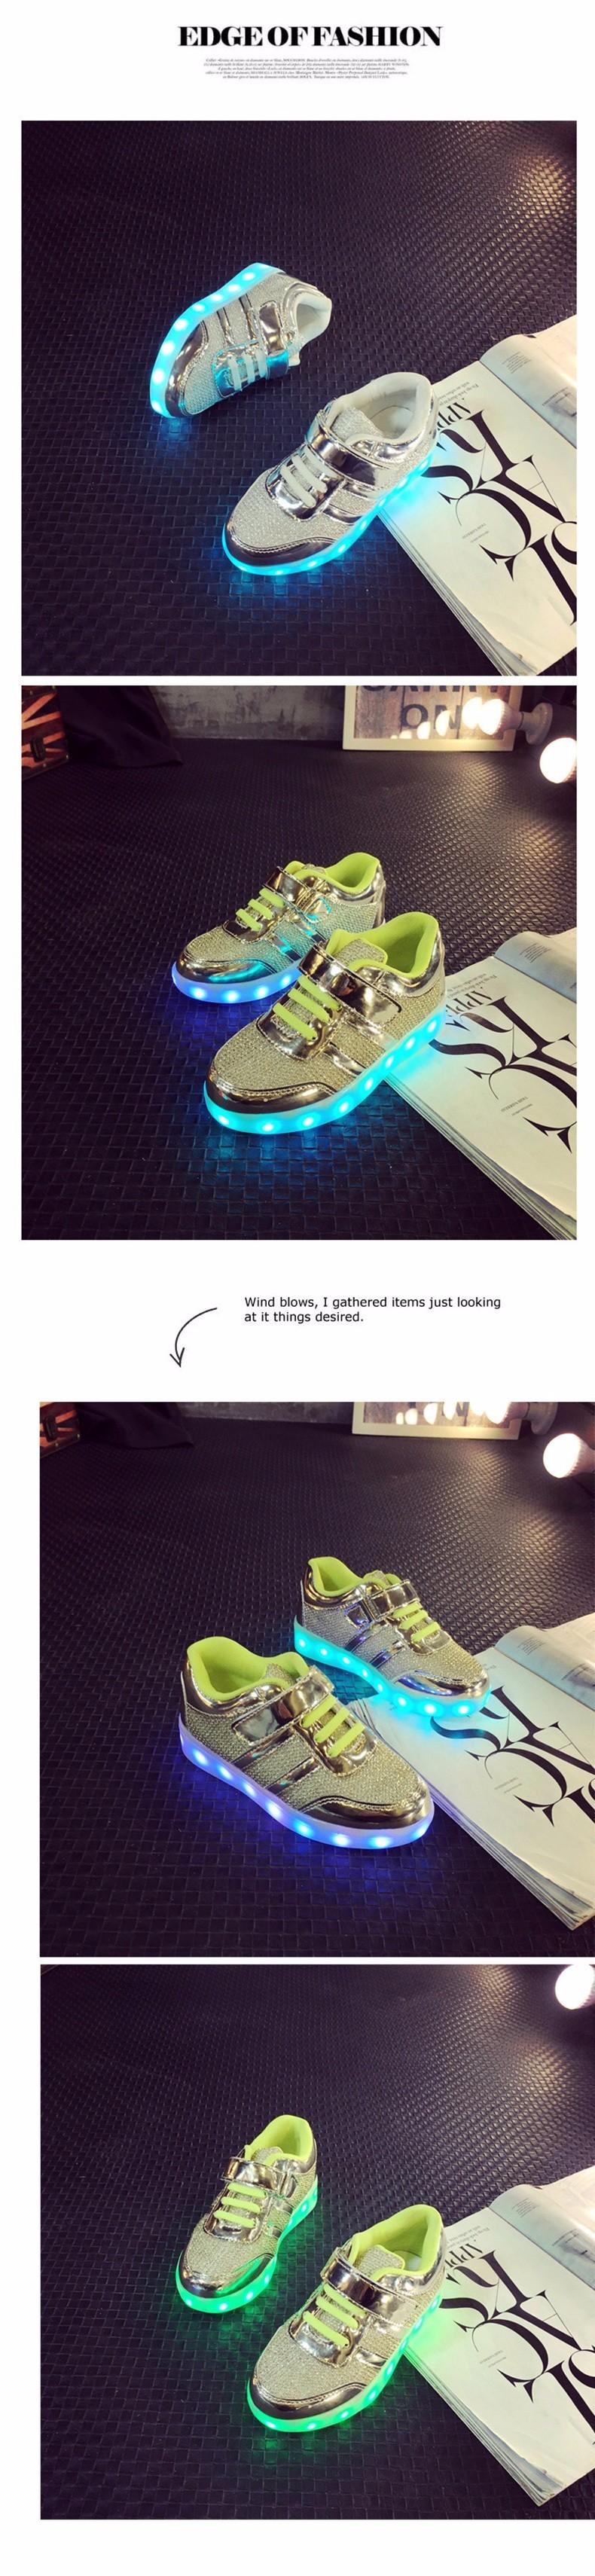 Kid USB Charging LED Light Shoes Soft Net Casual Boy Girl Luminous Sneakers Antiskid Bottom Children Shoes Tenis Led Infantil (3)